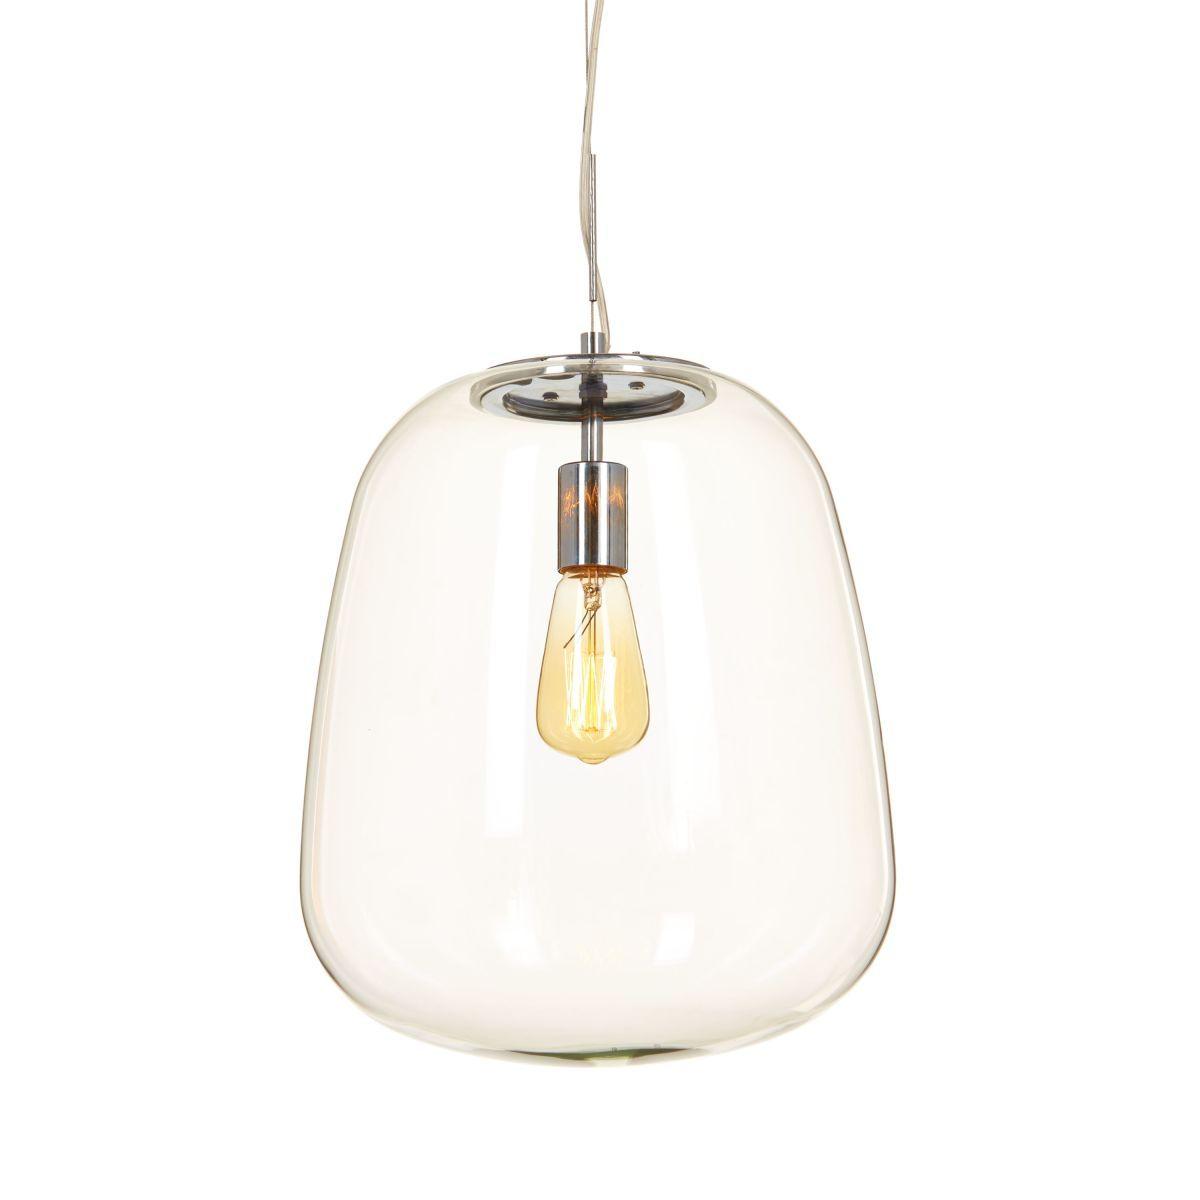 Fabulous  sthetisch bereichert diese formsch ne Lampe im schlichten glasklaren Design ihre Umgebung mit edler Optik wie mit